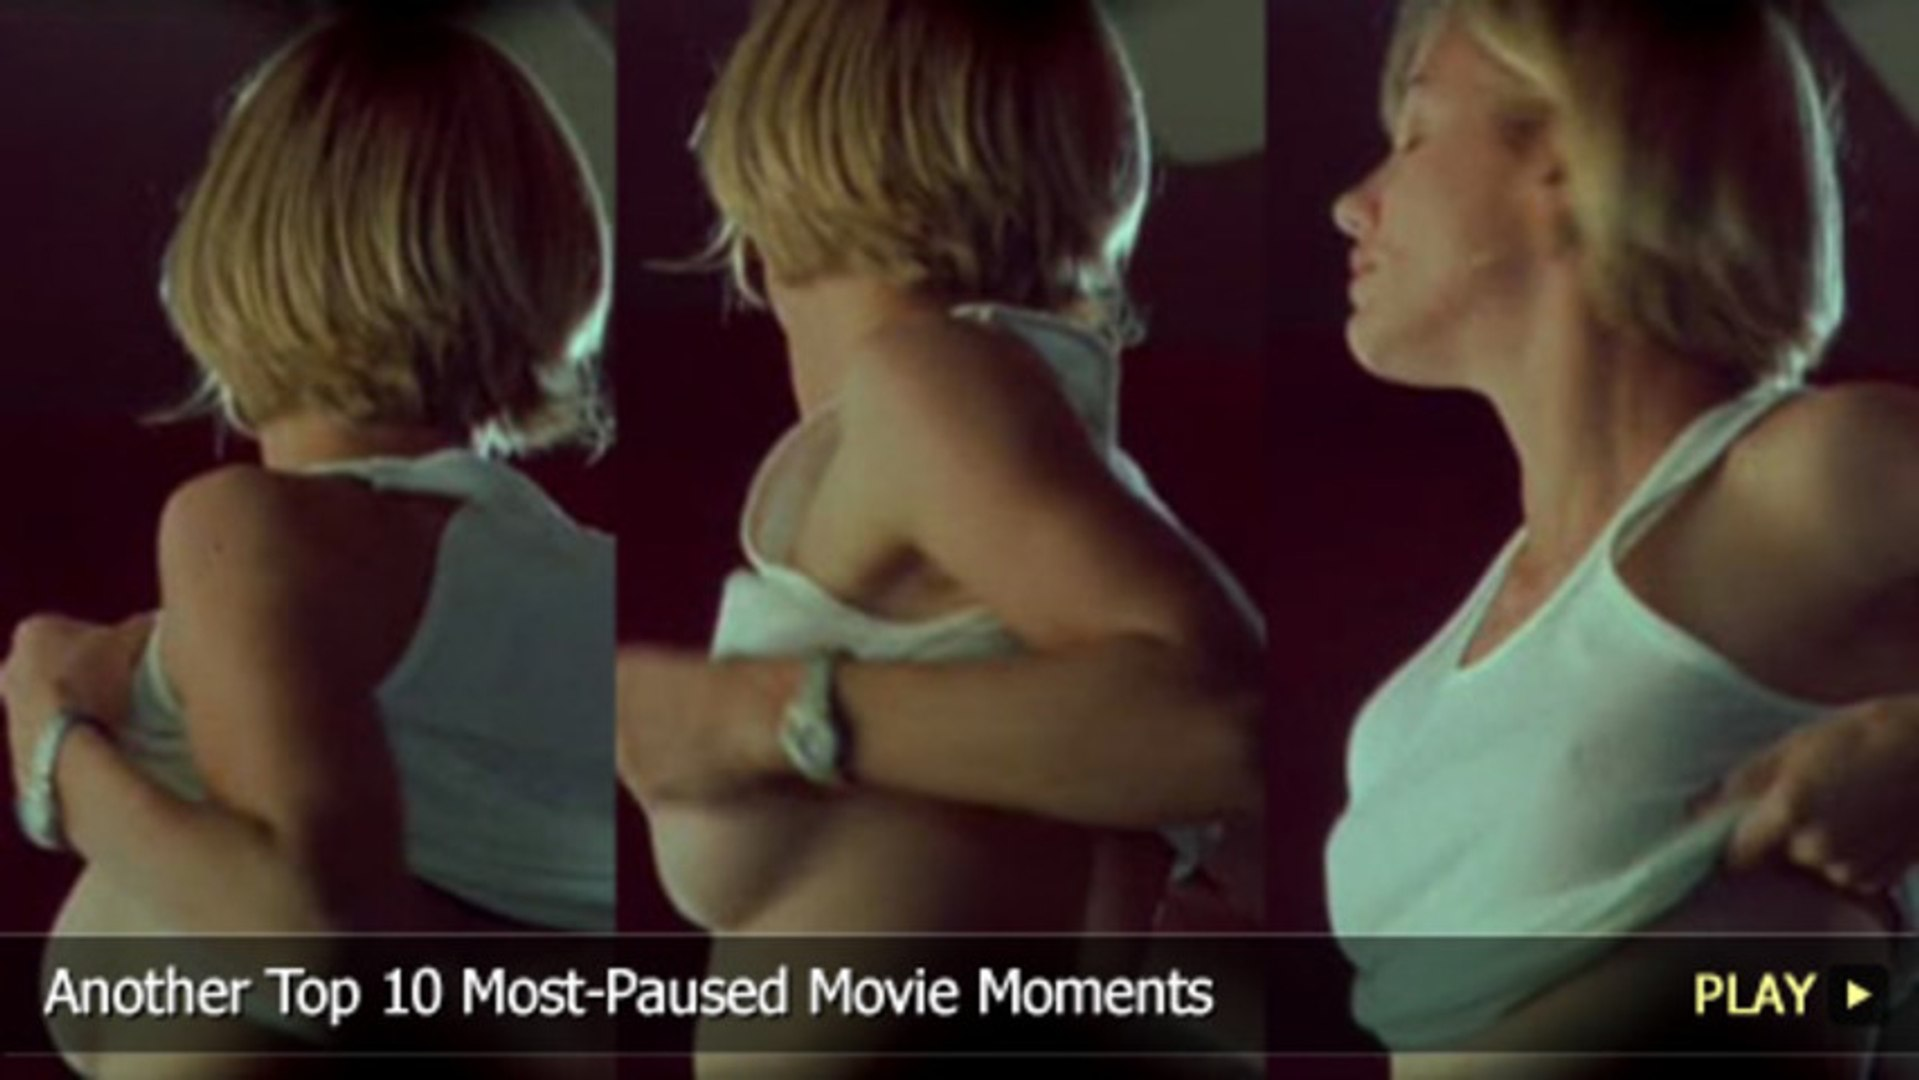 Uncut Movie Scenes